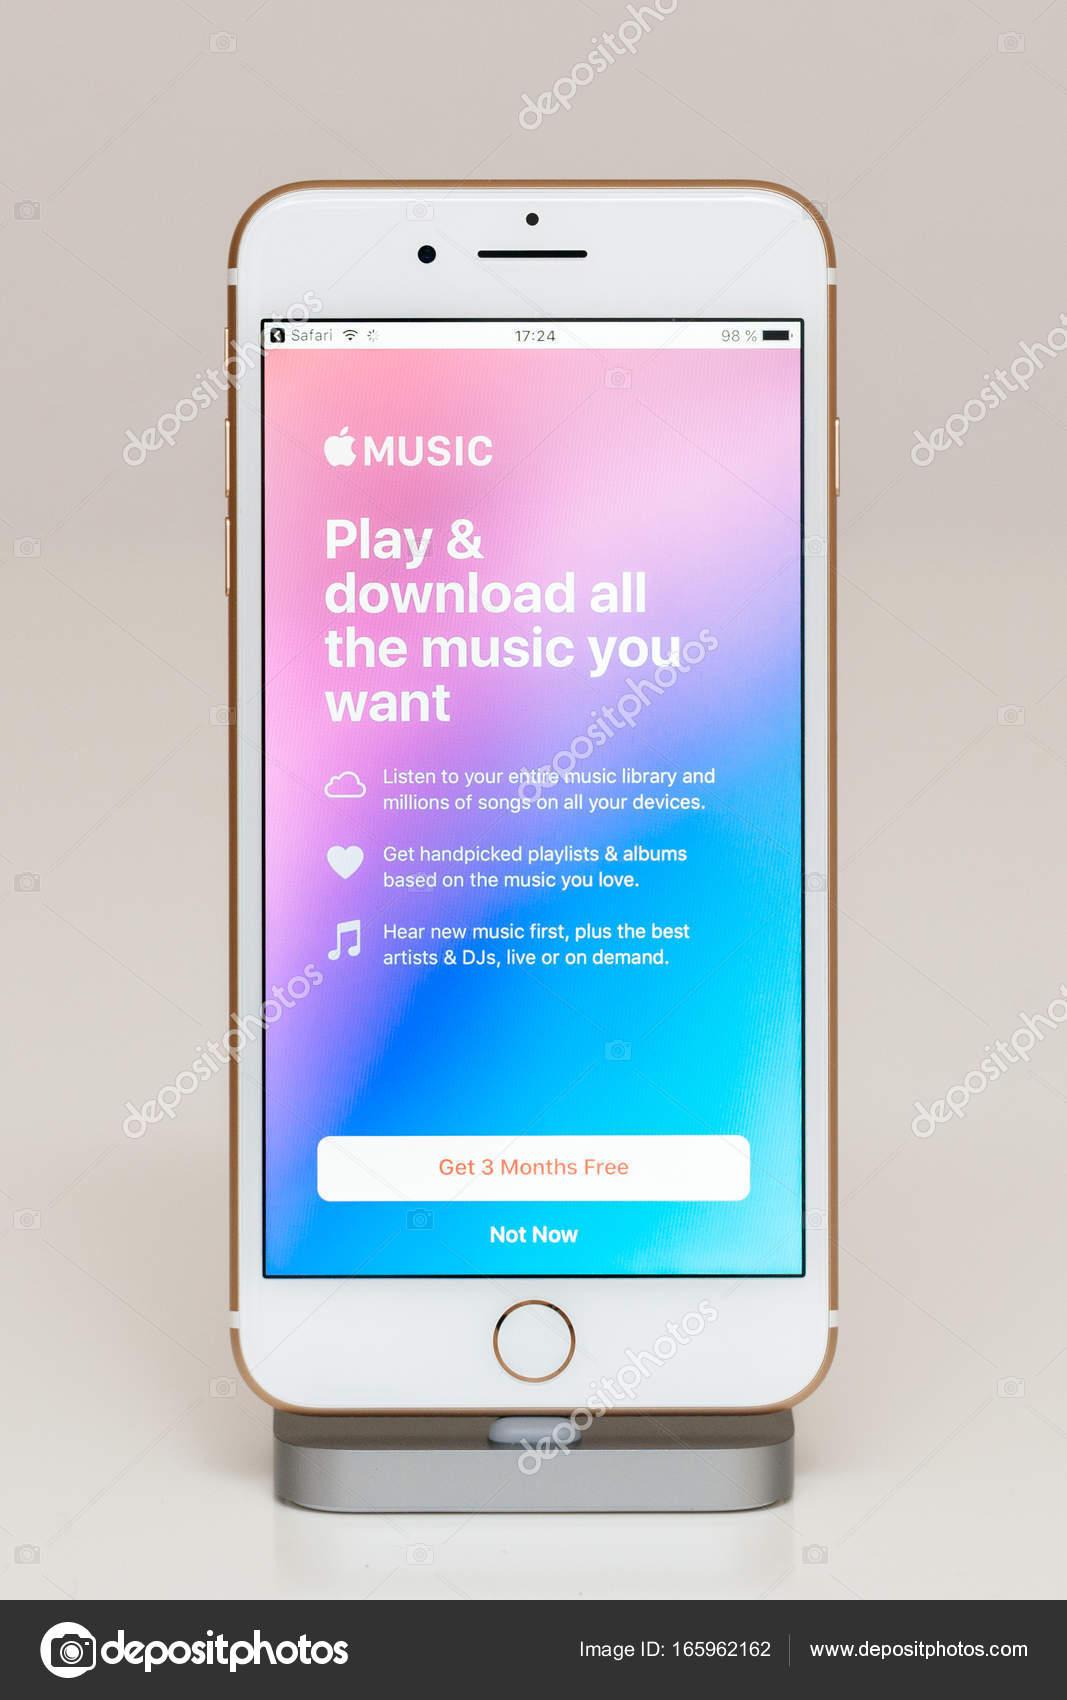 telecharger musique sur iphone 7 plus